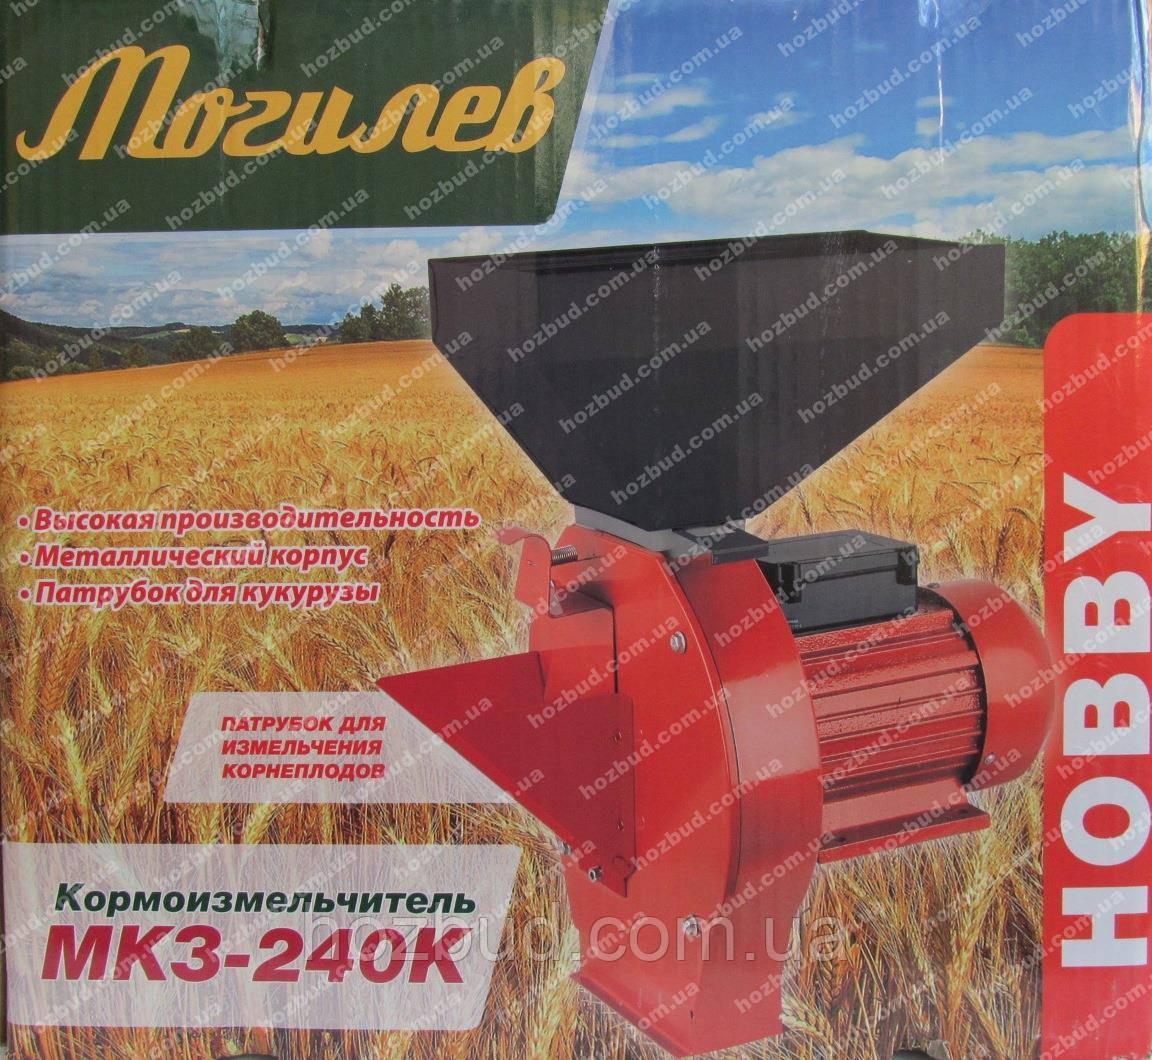 Кормоизмельчитель Могилев МКЗ-240К (зерно+корнеплоды)